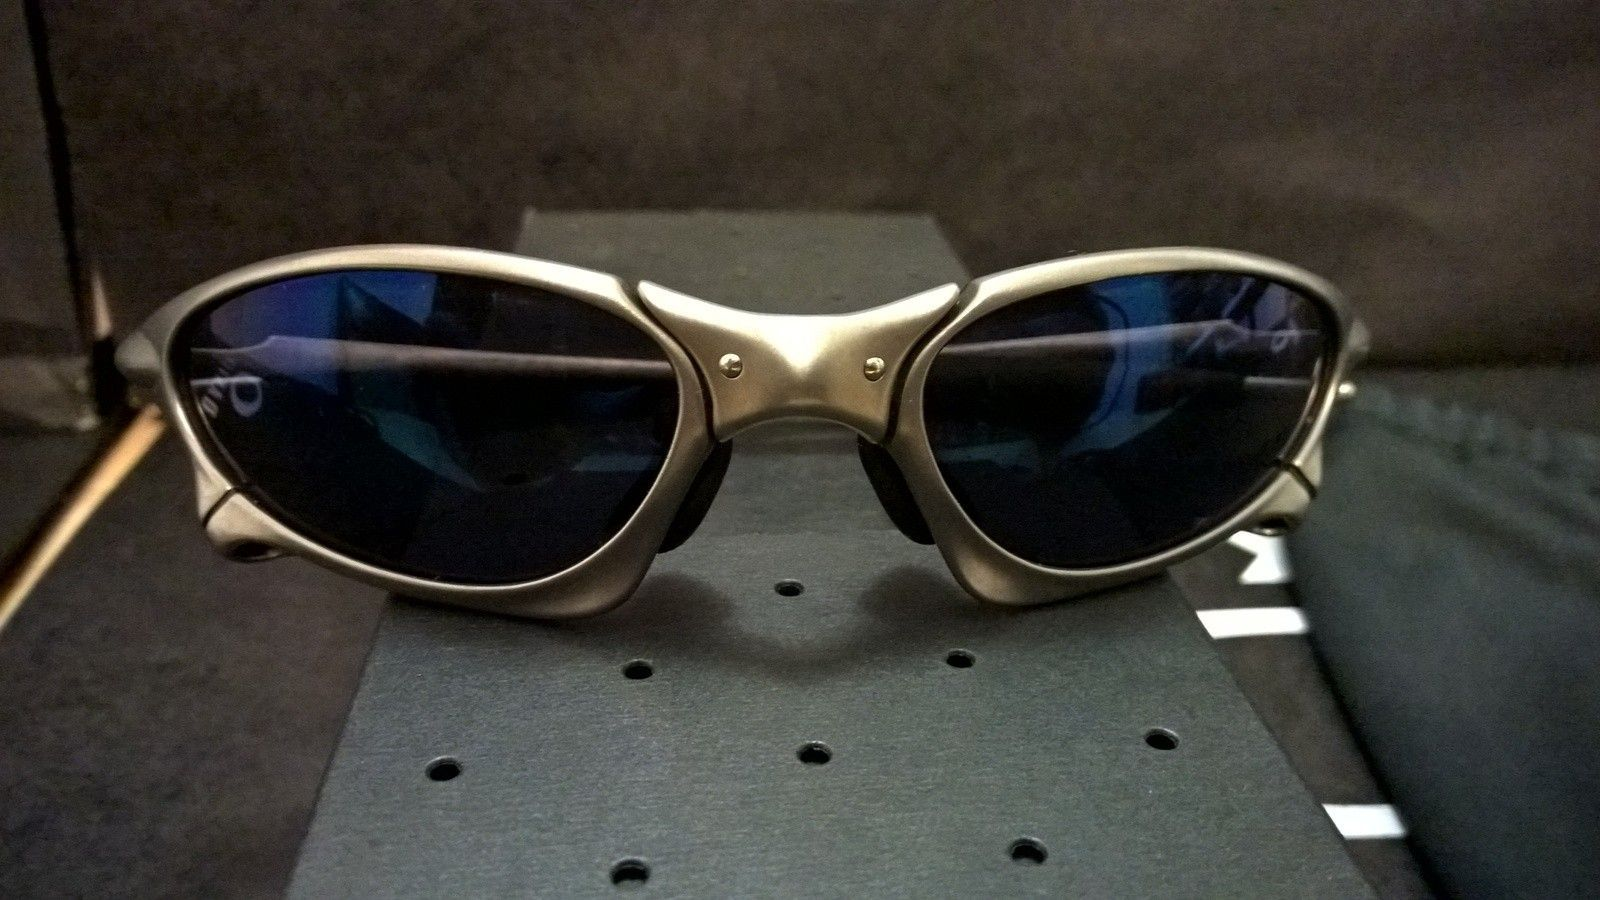 807391f50ab8 Oakley Penny Side Blinders Ebay. Oakley Penny Side Blinders